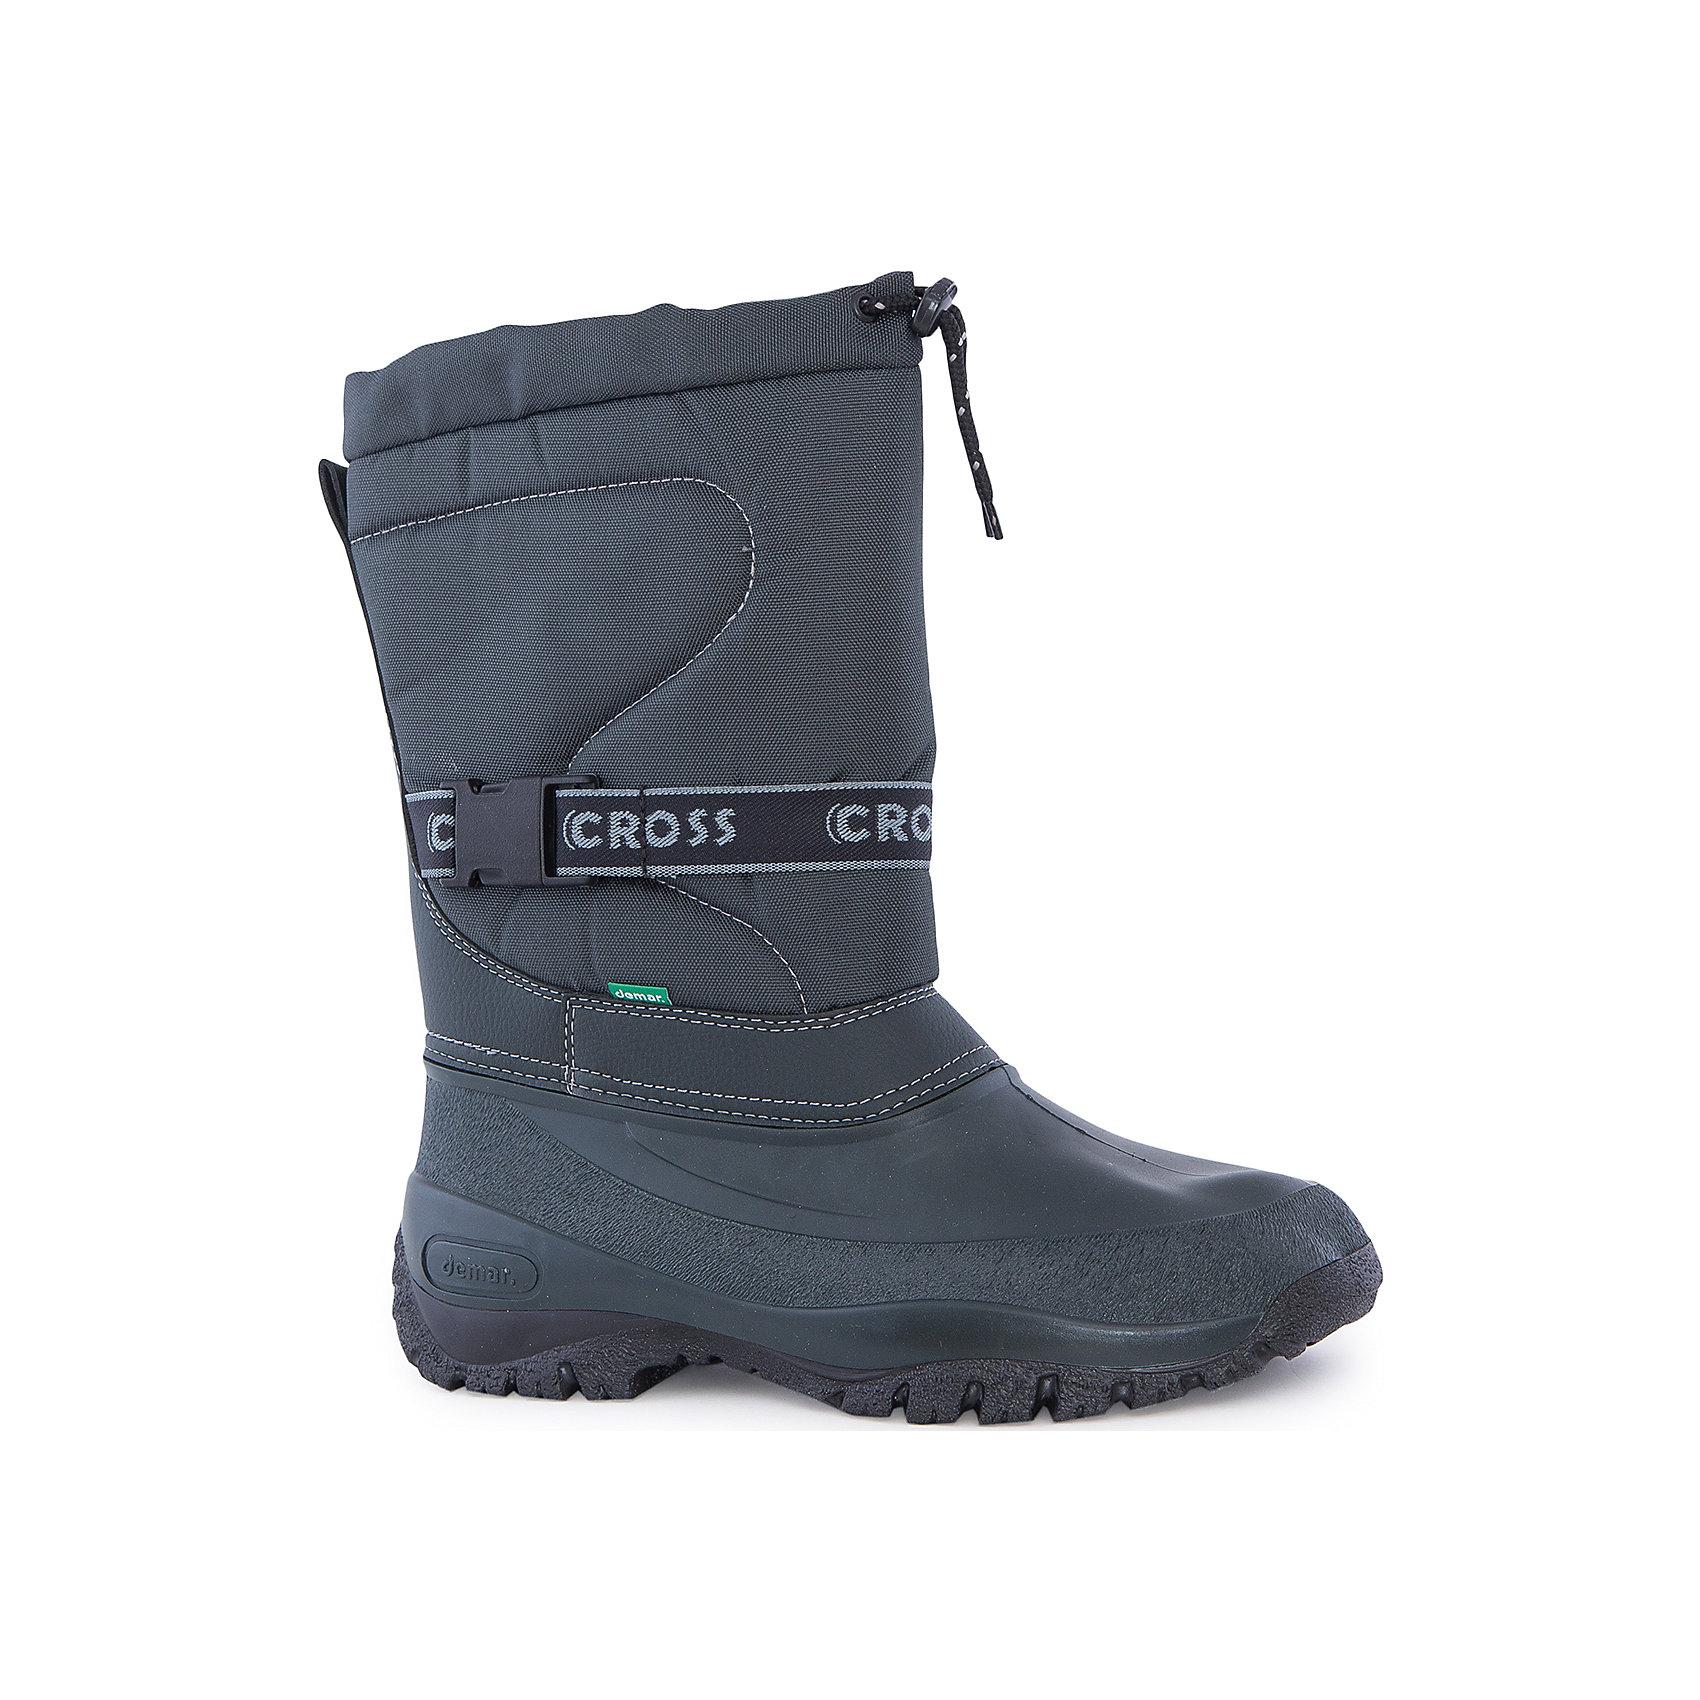 Сапоги Cross для мальчиков demarСапоги для мальчиков demar<br>Зимняя модель. Сапожки имеют утеплитель внутренней части изготовлен на основе натуральной овечьей шерсти, помогает выдерживать морозы до - 20 ° C. Зимние сапожки Demar очень легкие, вес ОКОЛО 500 гр.<br>Верх обуви - не продуваемый текстильный материал, имеющий высокие износостойкие и водоотталкивающие свойства. Термокаучук, используется при изготовлении подошвы способствует сохранению эластичности даже при низких температурах и позволяет избежать скольжения. Сапожки легко одеваются. Выполнены из супер легких материалов, вес их на столько легкий, что ребенок даже не заметит, что он уже обут)))<br>Утепленные натуральной овечьей шерстью - гарантия теплых ножек!<br>Сделаны в Польше!<br>Рекомендуем для зимних прогулок и игр.<br>Сертифицированы, гарантия качества. <br>Состав:<br>Материал верха: текстильный материал. Материал подкладки: натуральная шерсть.  Материал подошвы: ТЭП<br><br>Ширина мм: 257<br>Глубина мм: 180<br>Высота мм: 130<br>Вес г: 420<br>Цвет: зеленый<br>Возраст от месяцев: 168<br>Возраст до месяцев: 192<br>Пол: Мужской<br>Возраст: Детский<br>Размер: 39/40,41/42,37/38,36<br>SKU: 5098132